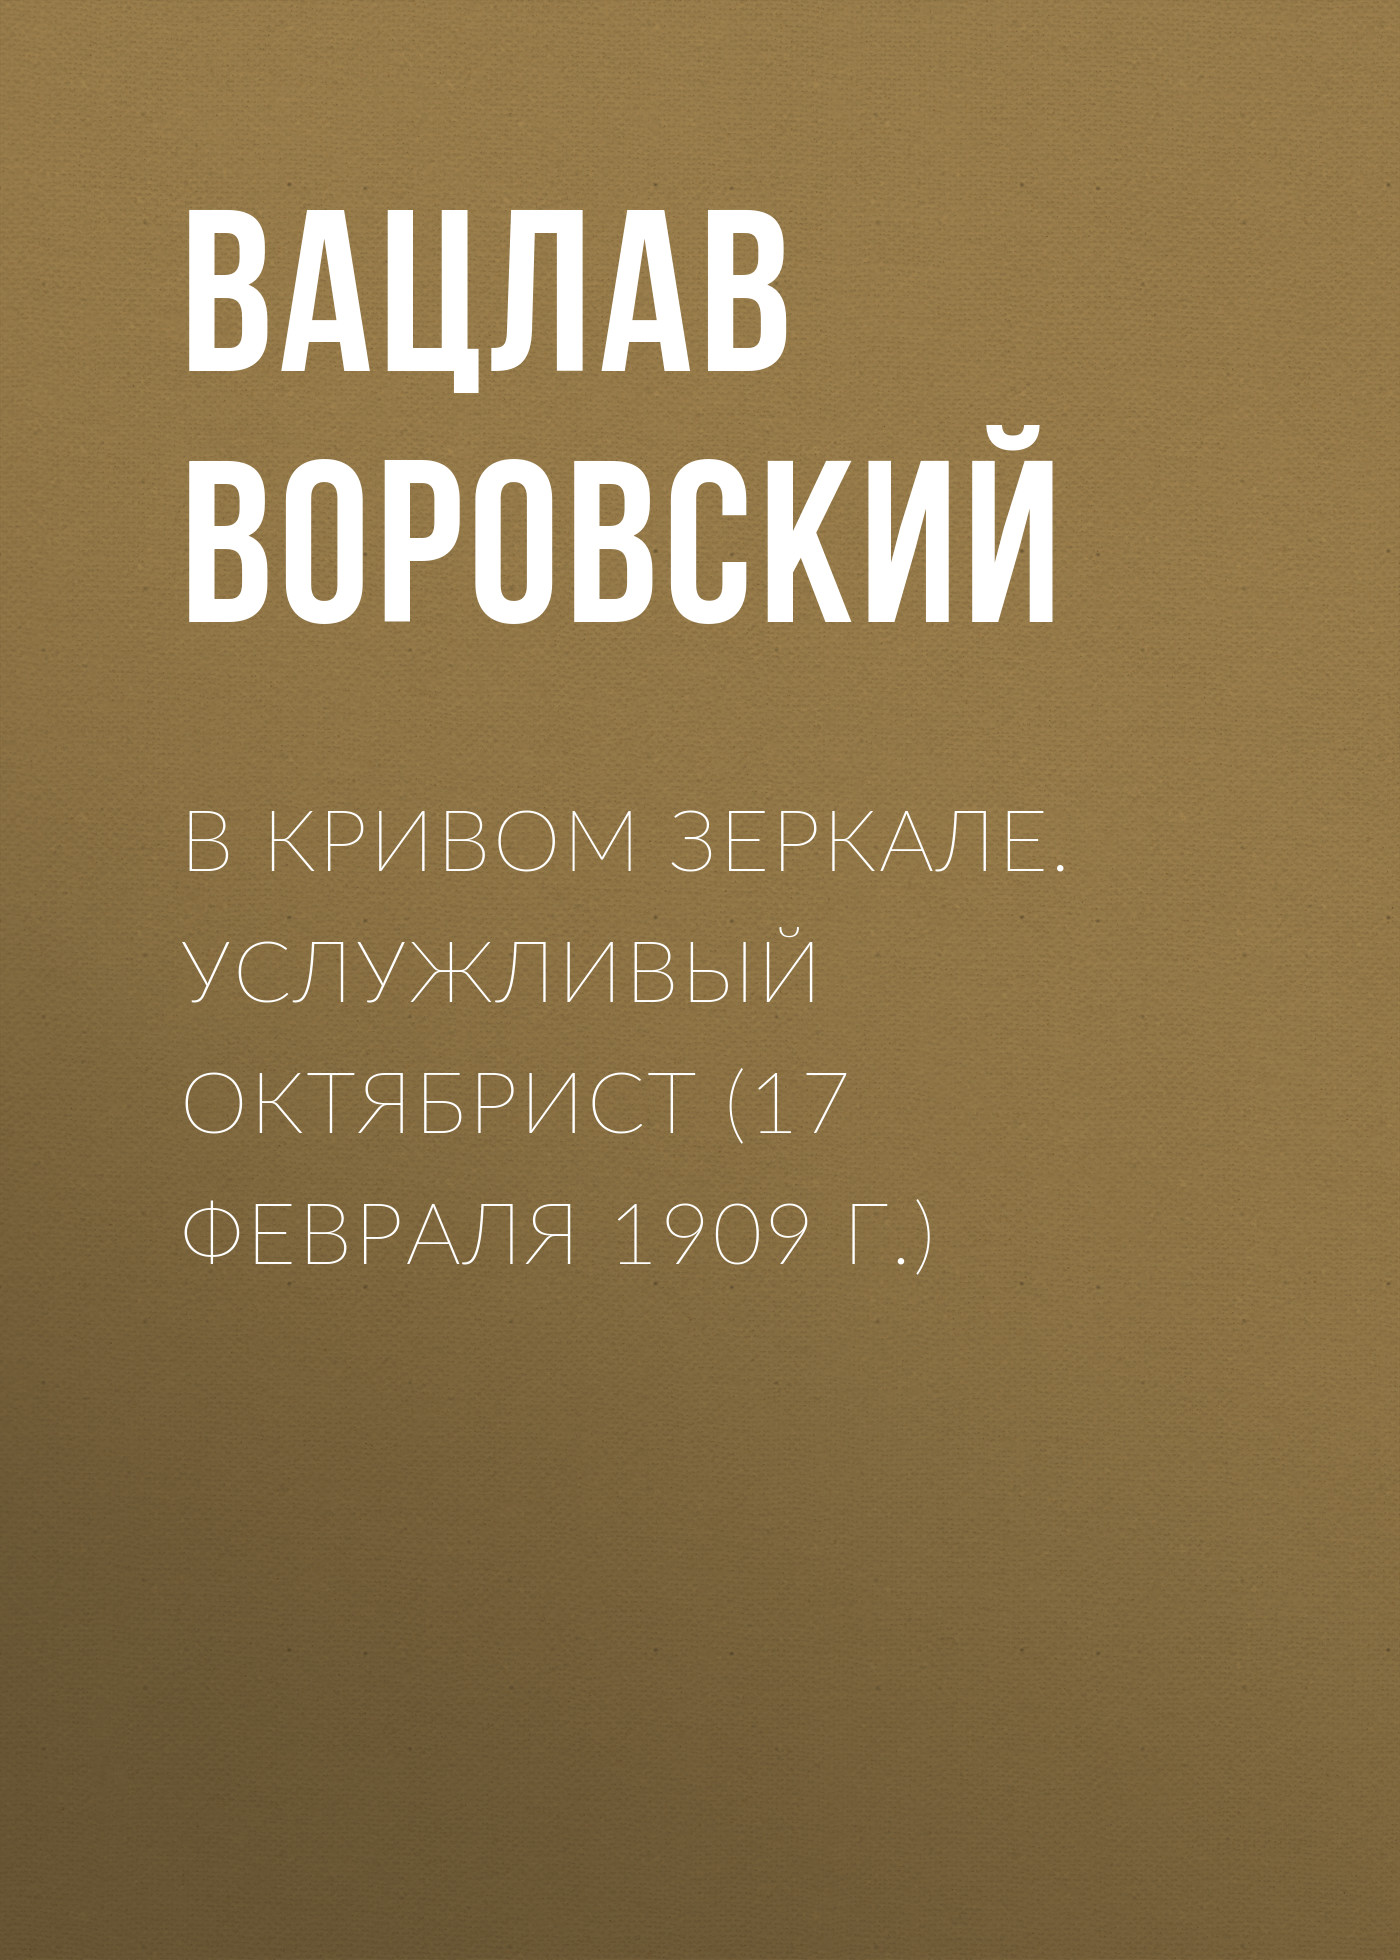 Вацлав Воровский В кривом зеркале. Услужливый октябрист (17 февраля 1909 г.) вацлав воровский мысли вслух 15 января 1910 г